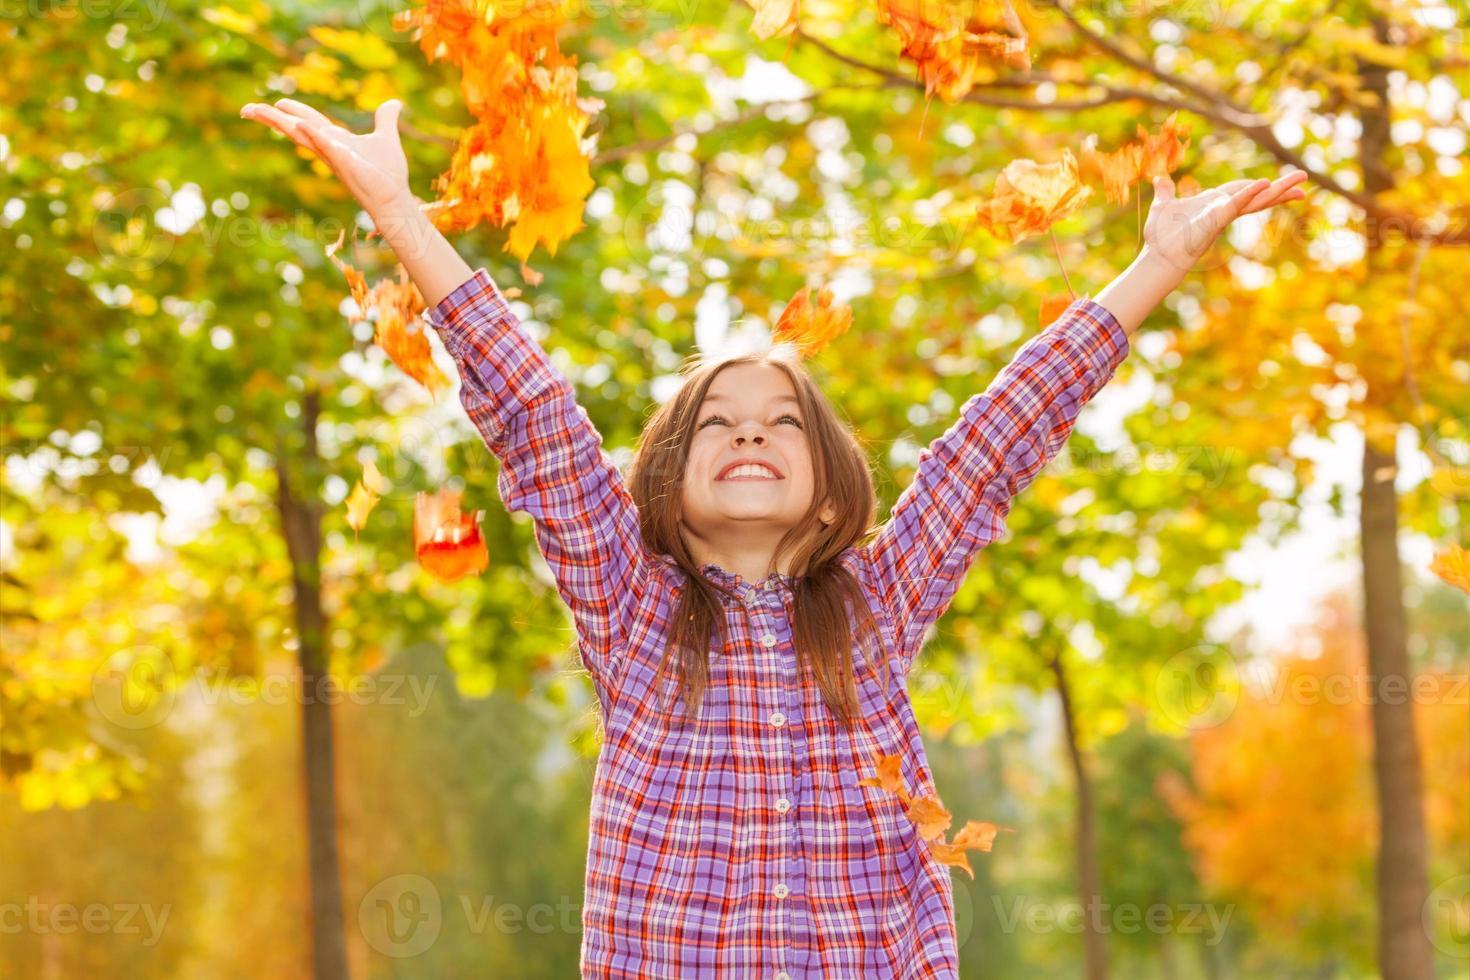 meisje gooien esdoorn oranje bladeren omhoog in herfst park foto